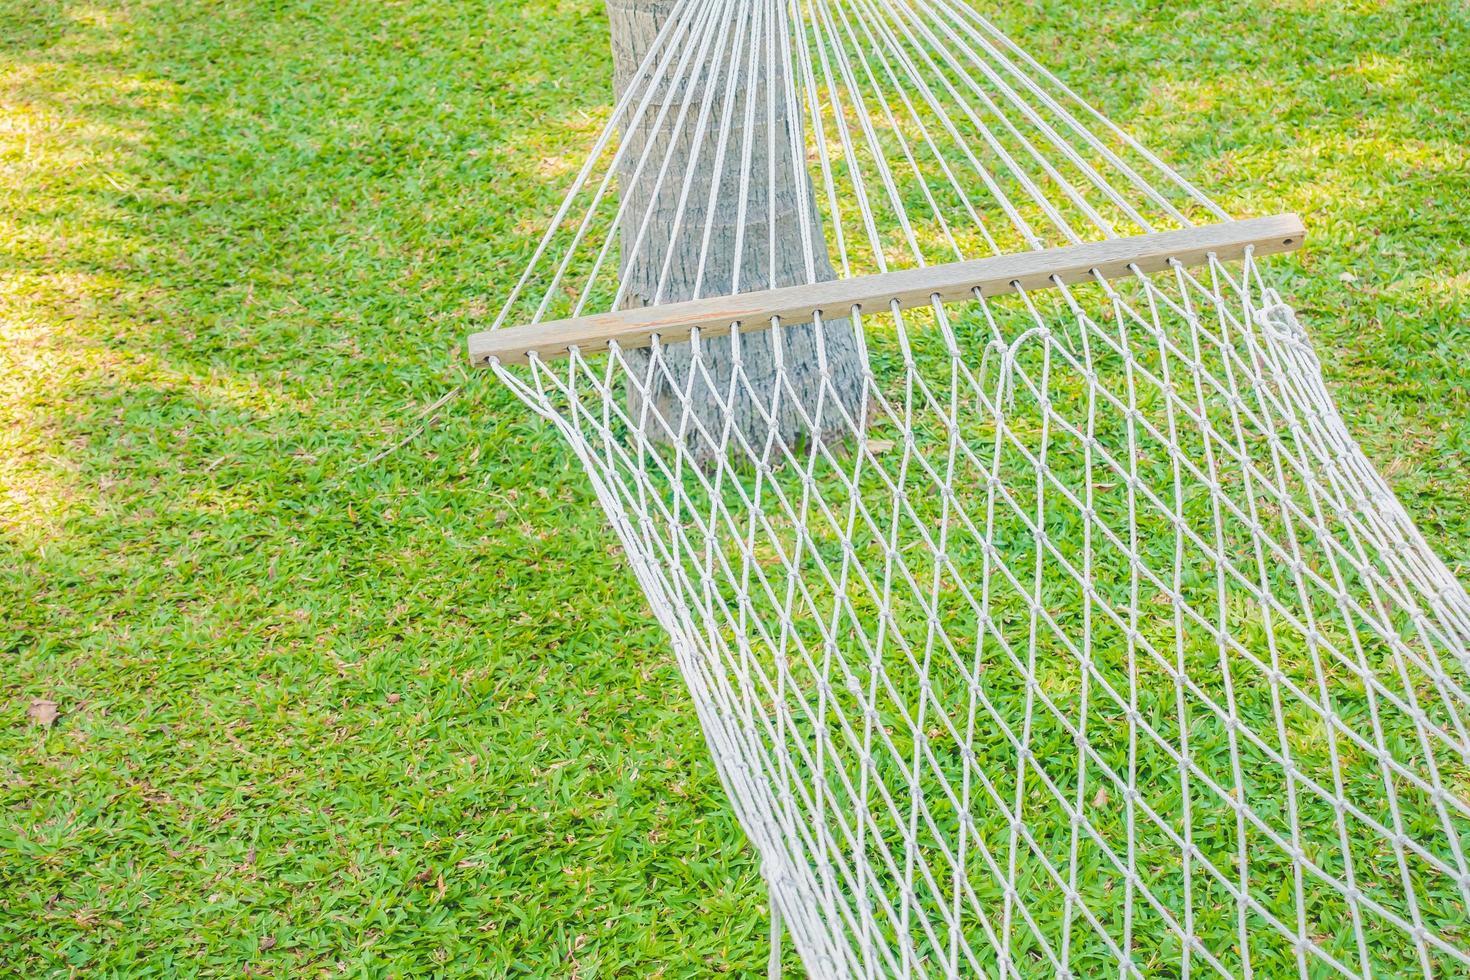 hamac vide dans le jardin photo